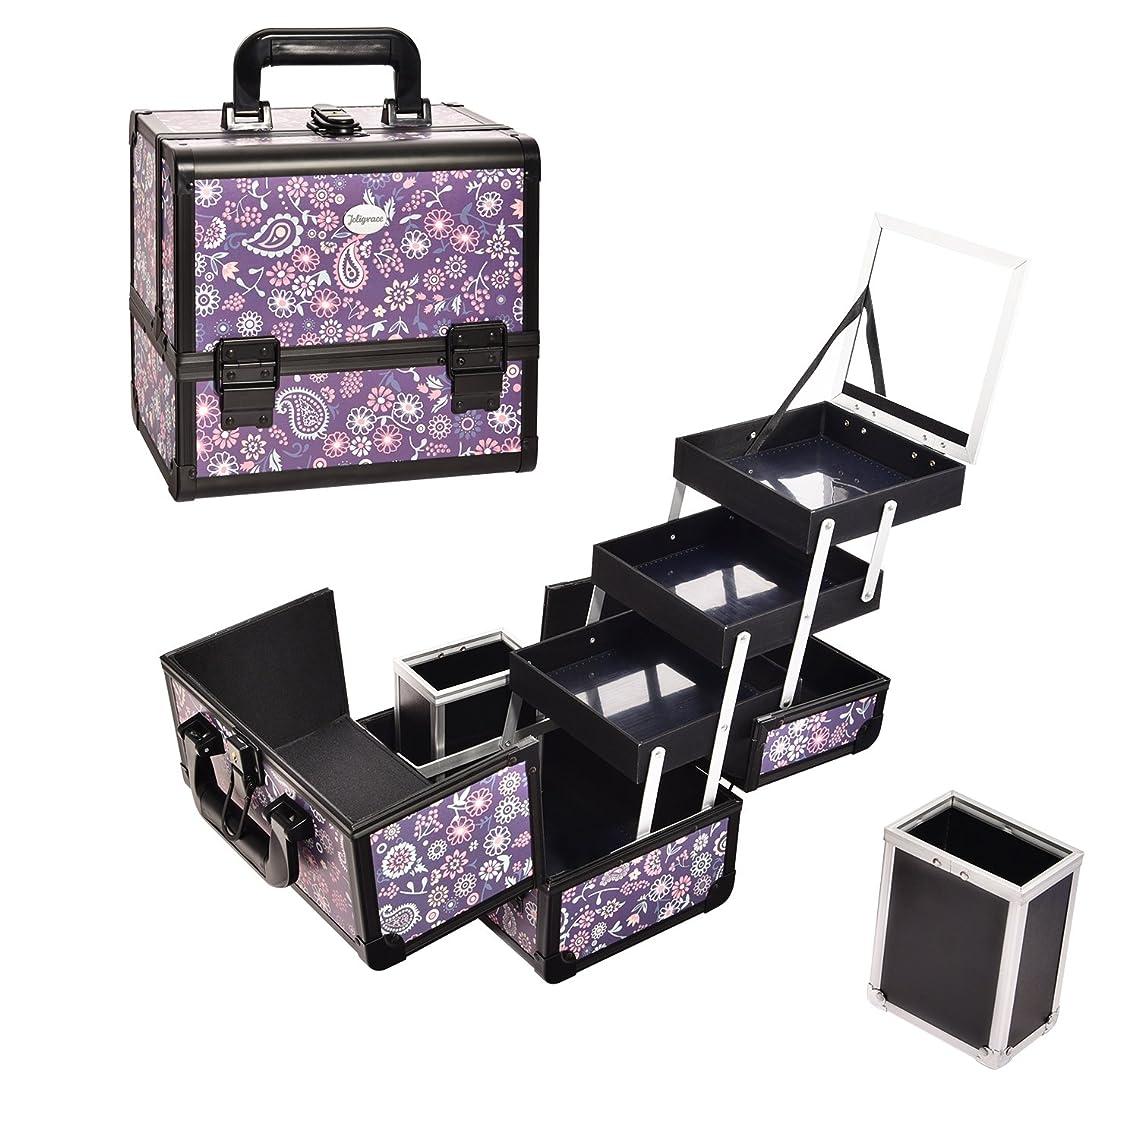 一元化する学校の先生キャラバンメイクアップボックスミラーとブラシホルダー 化粧品ケース ジュエリーオーガナイザー キーによる軽量のロック可能(紫の花)